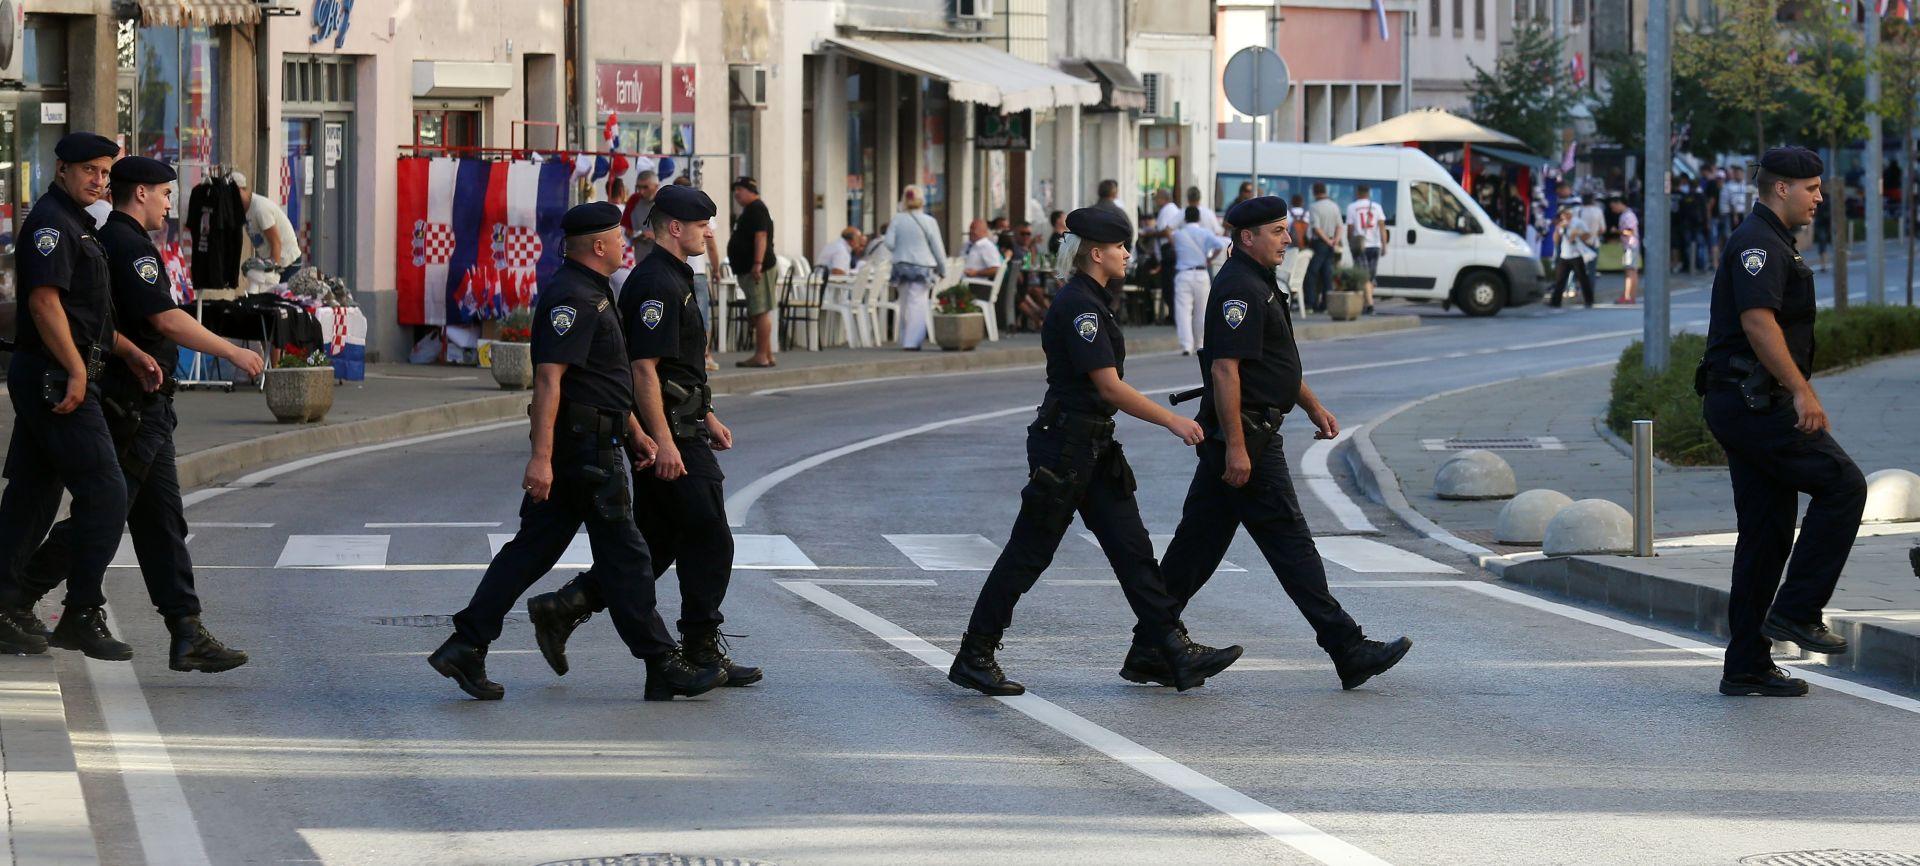 NAKON INCIDENTA U KNINU: Uhićena dvojica zbog paljenja srpske zastave